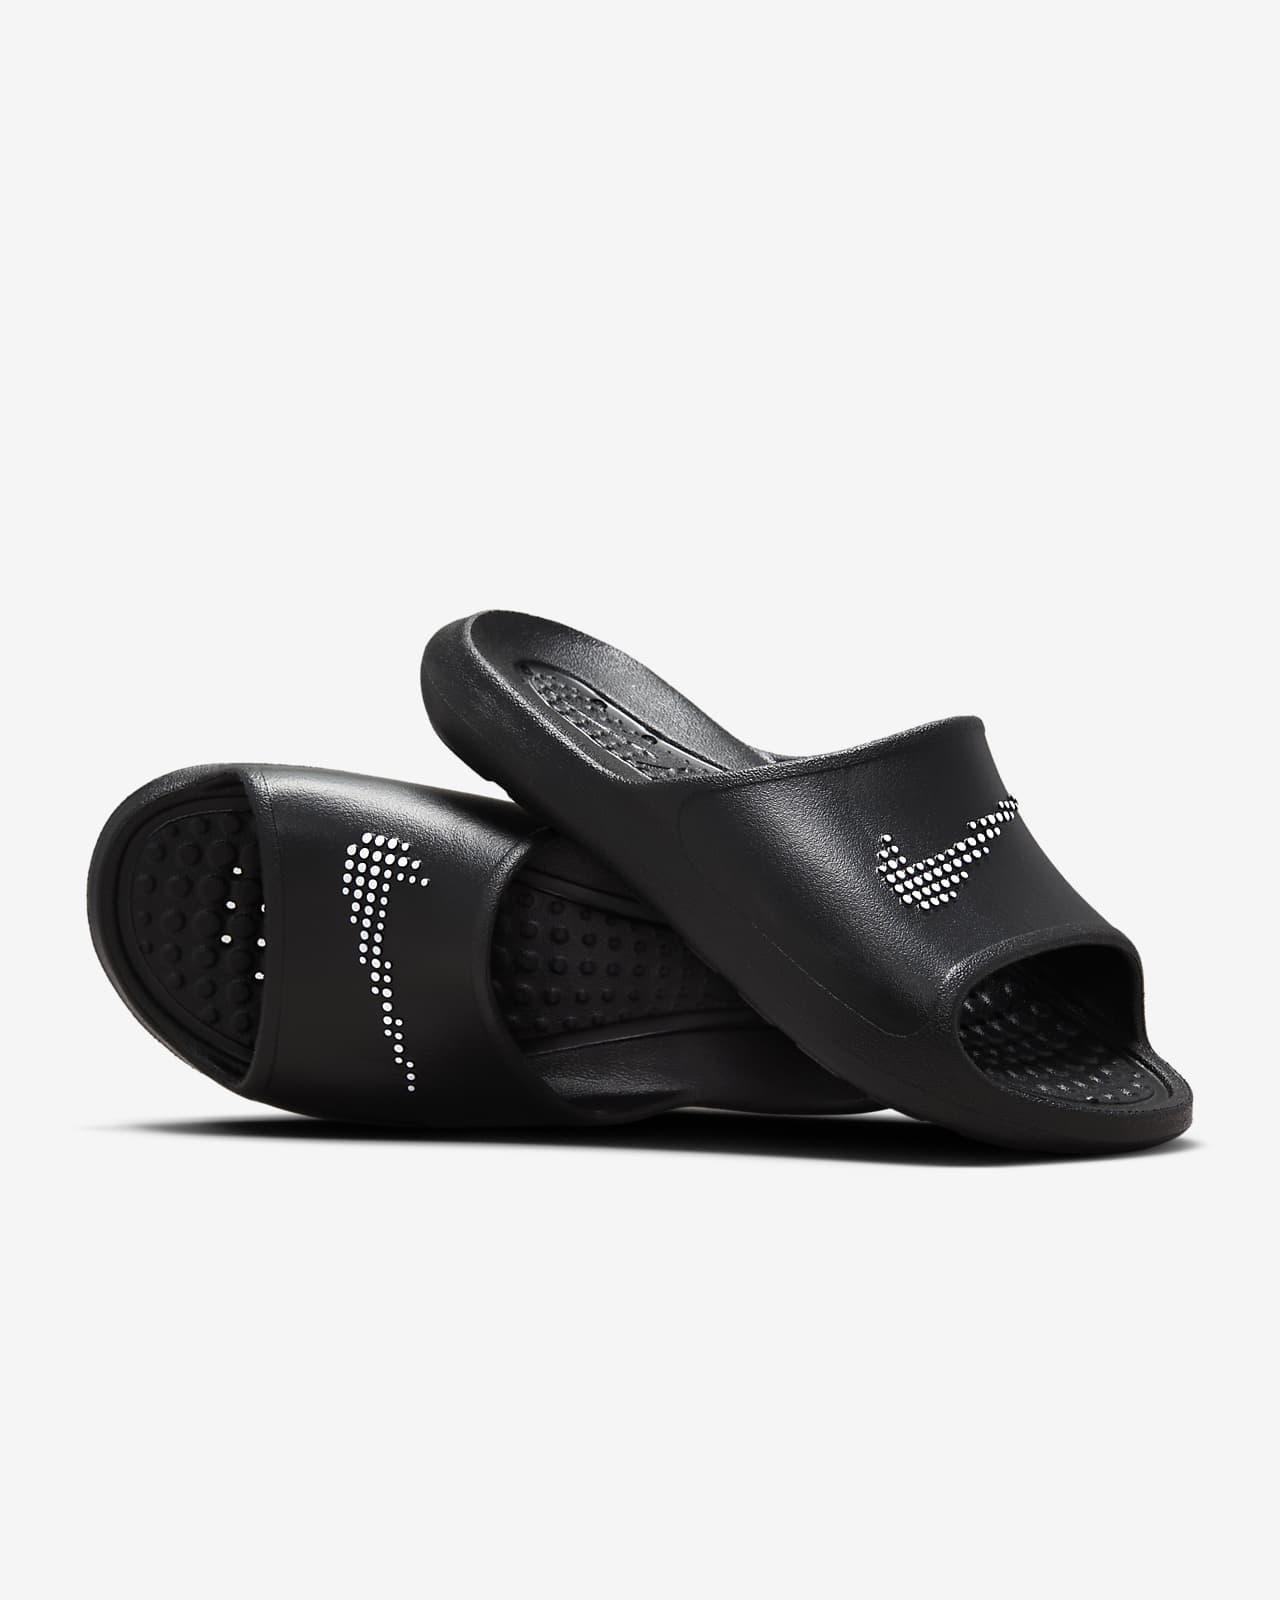 รองเท้าแตะผู้หญิงสำหรับอาบน้ำ Nike Victori One